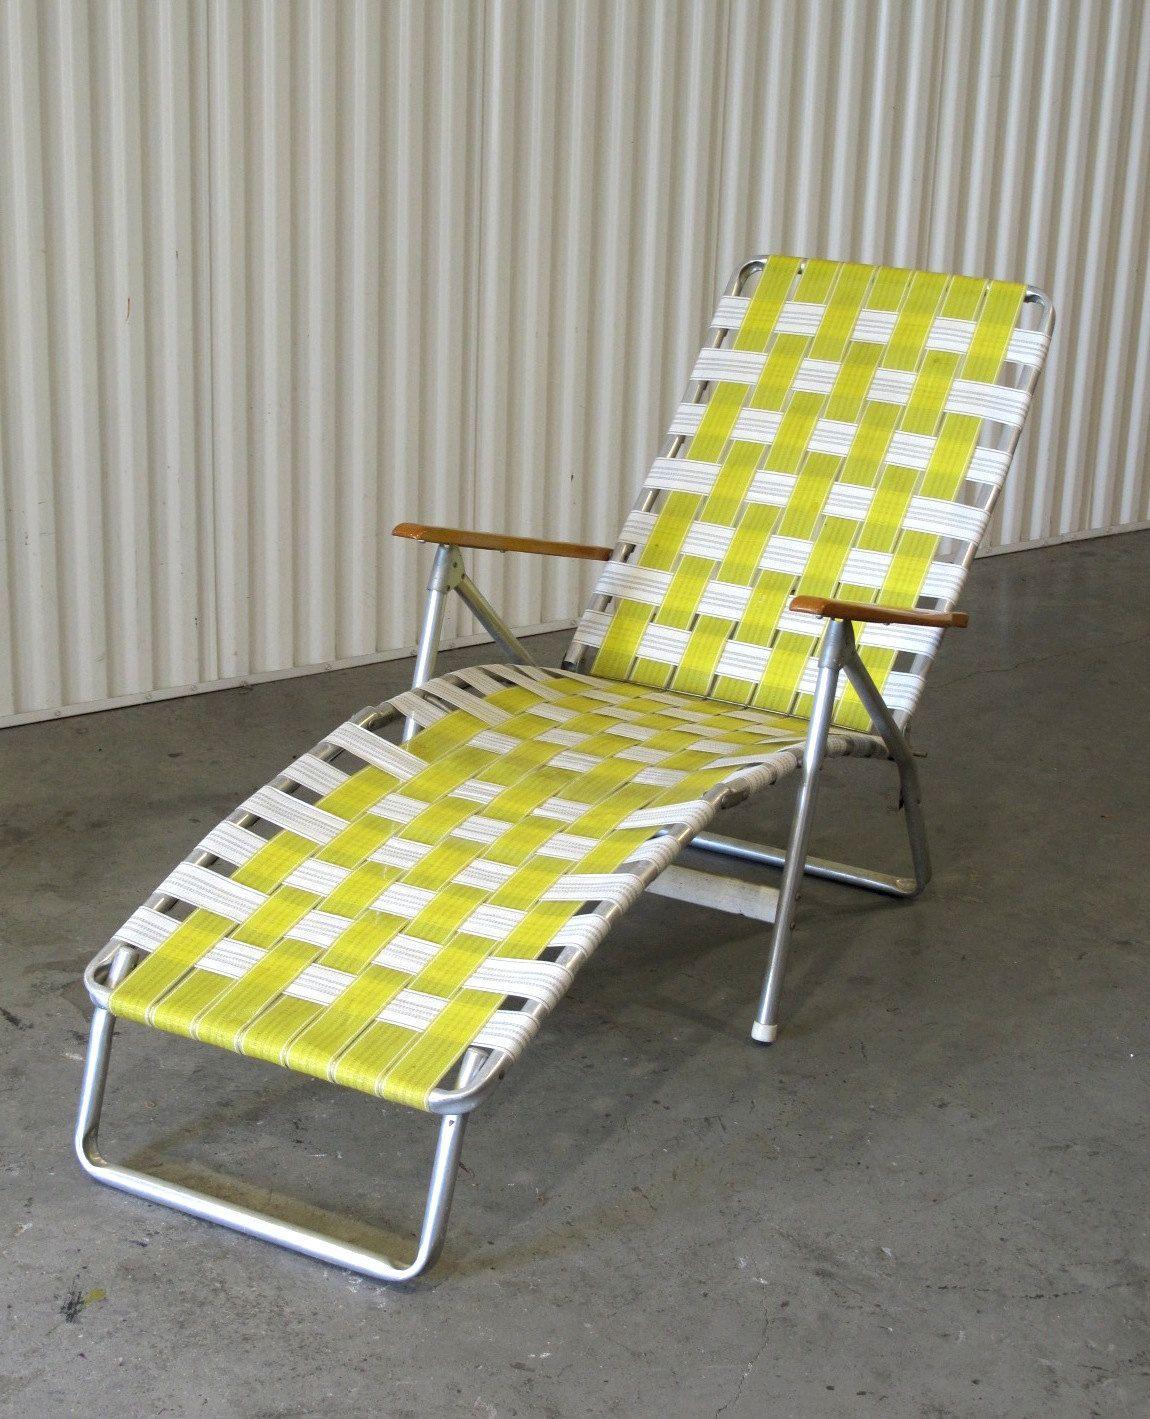 1960's Webbed Lawn Chair, Folding Beach Chair, Lounge